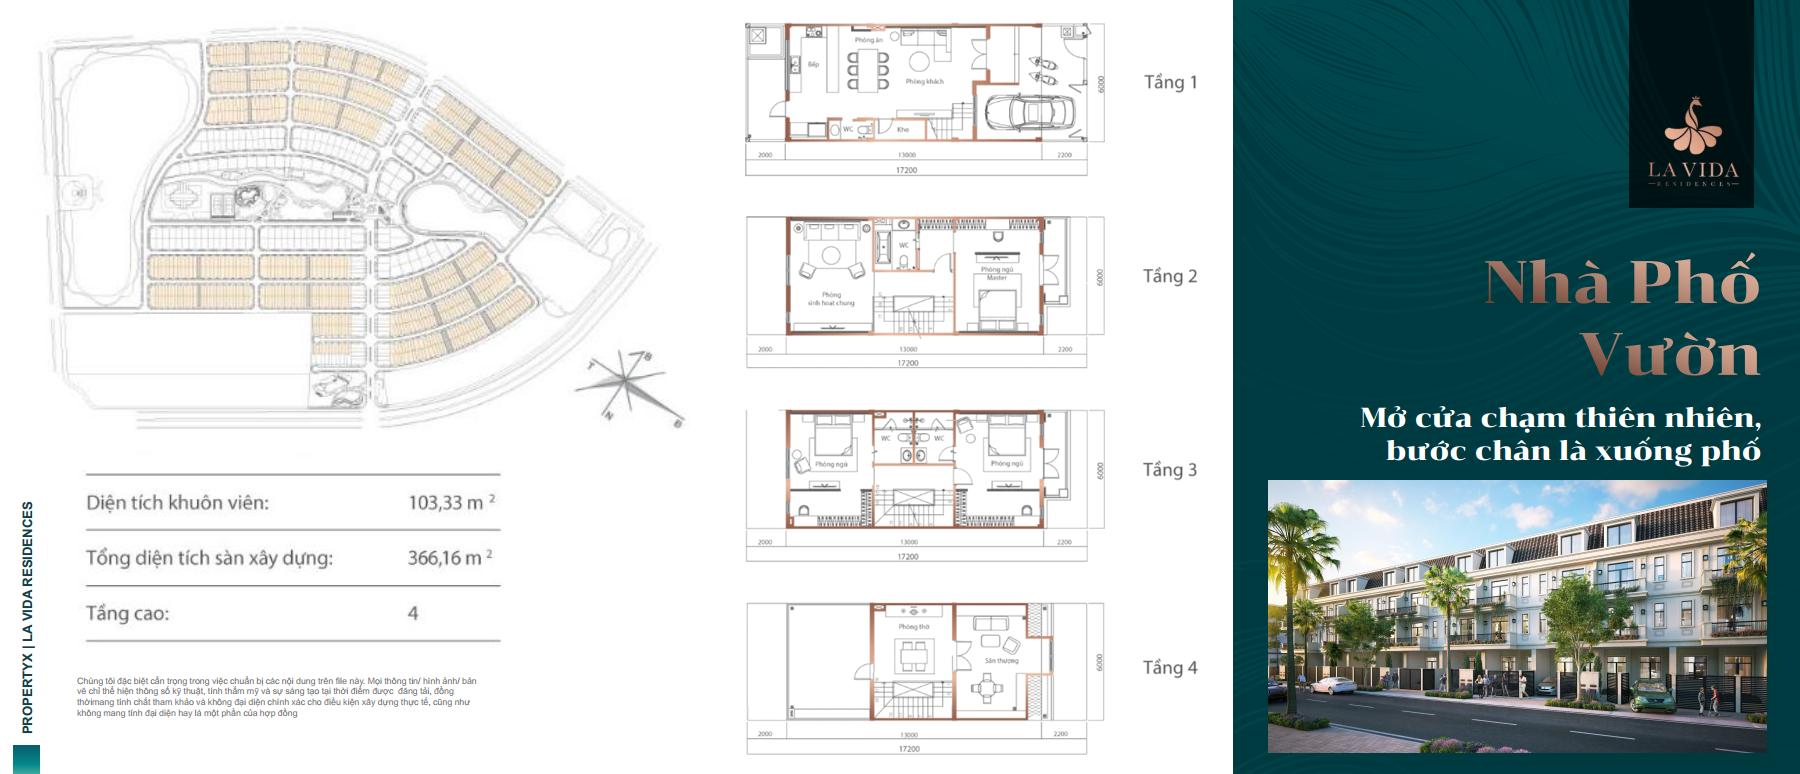 Mua bán chuyển nhượng Lavida Residences Vũng Tàu 2021 6